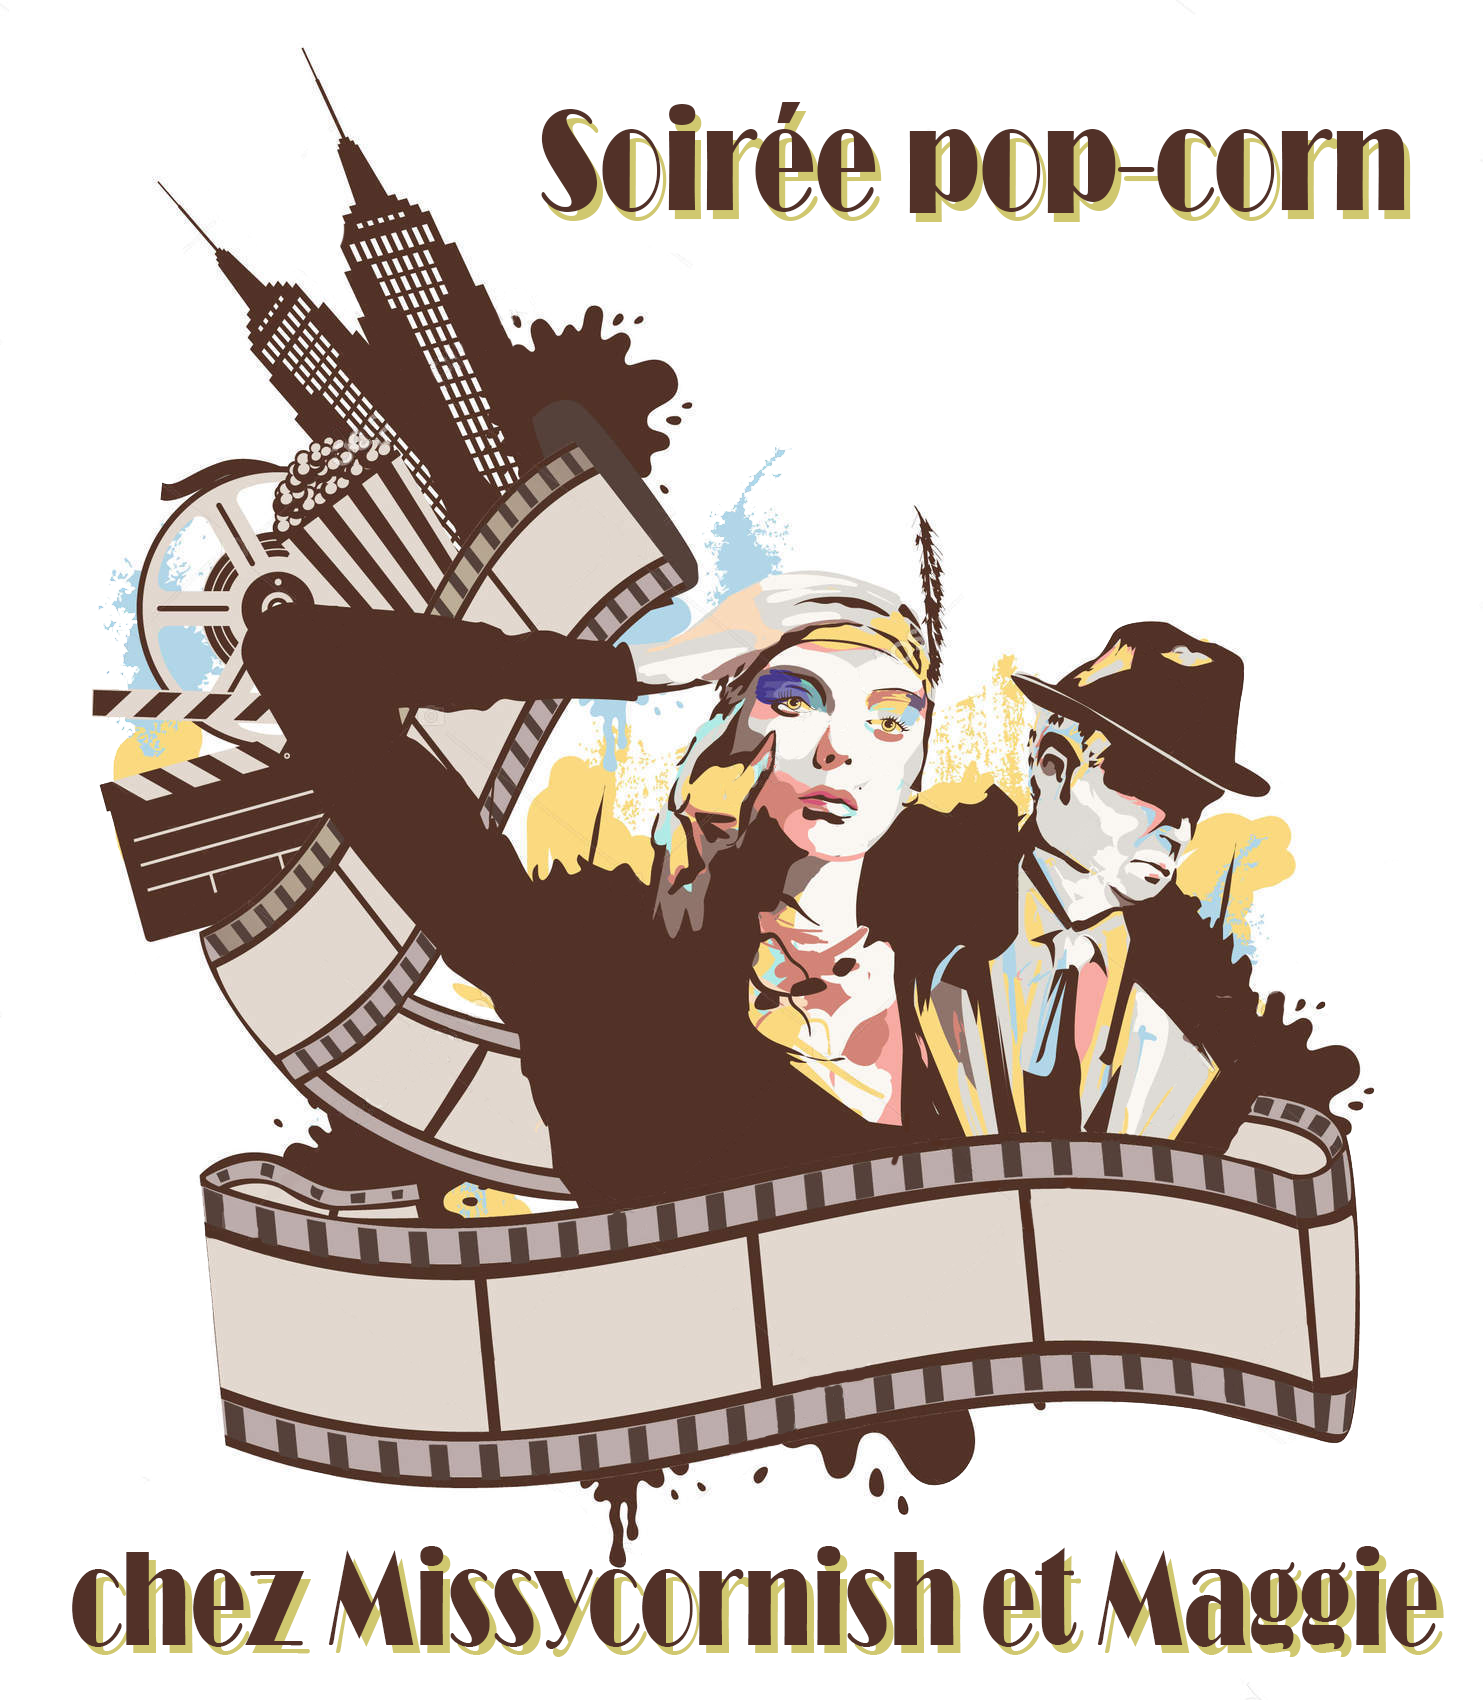 Soirée pop corn chez Missycornish et Maggie &